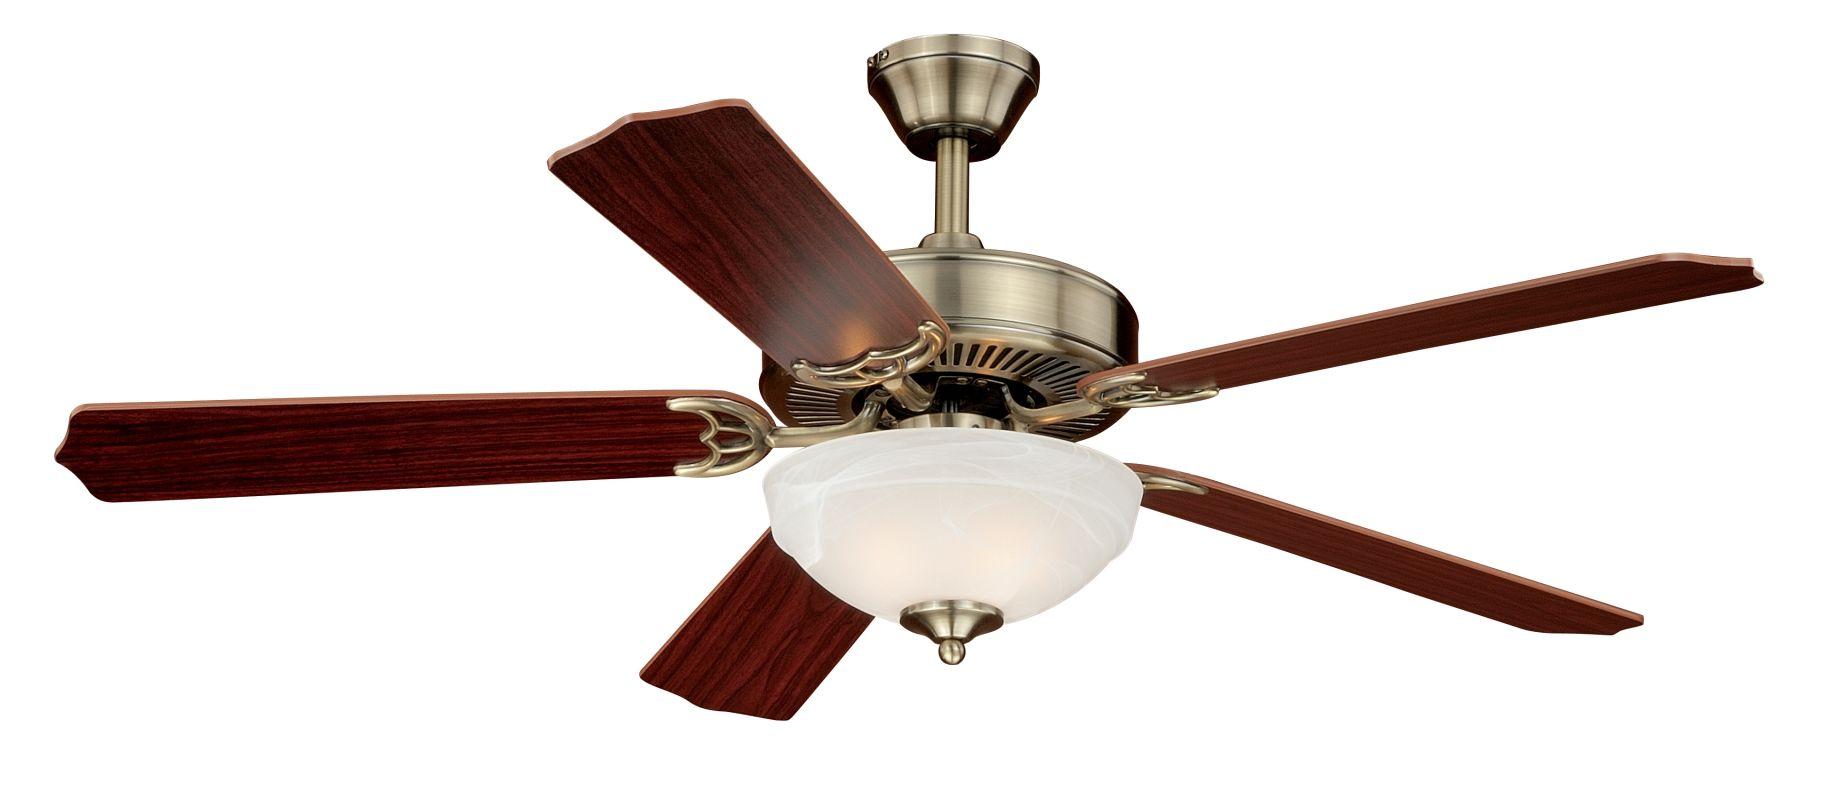 """Vaxcel Lighting F0026 Essentia 52"""" 5 Blade Indoor Ceiling Fan - Light"""